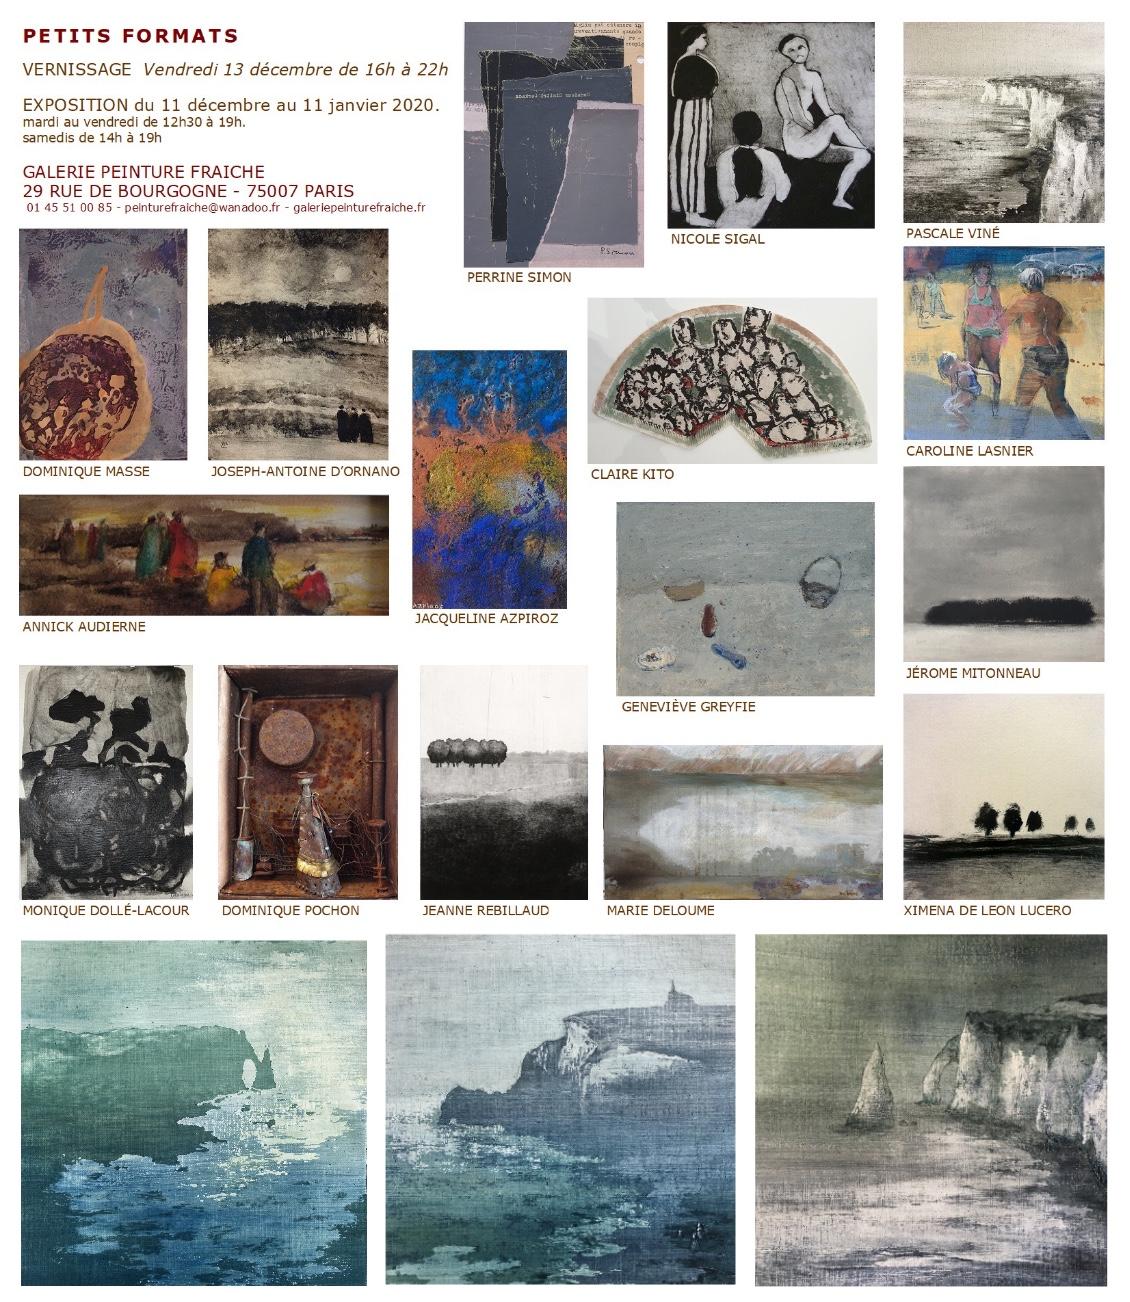 Affiche-Peinture-Fraiche-2019